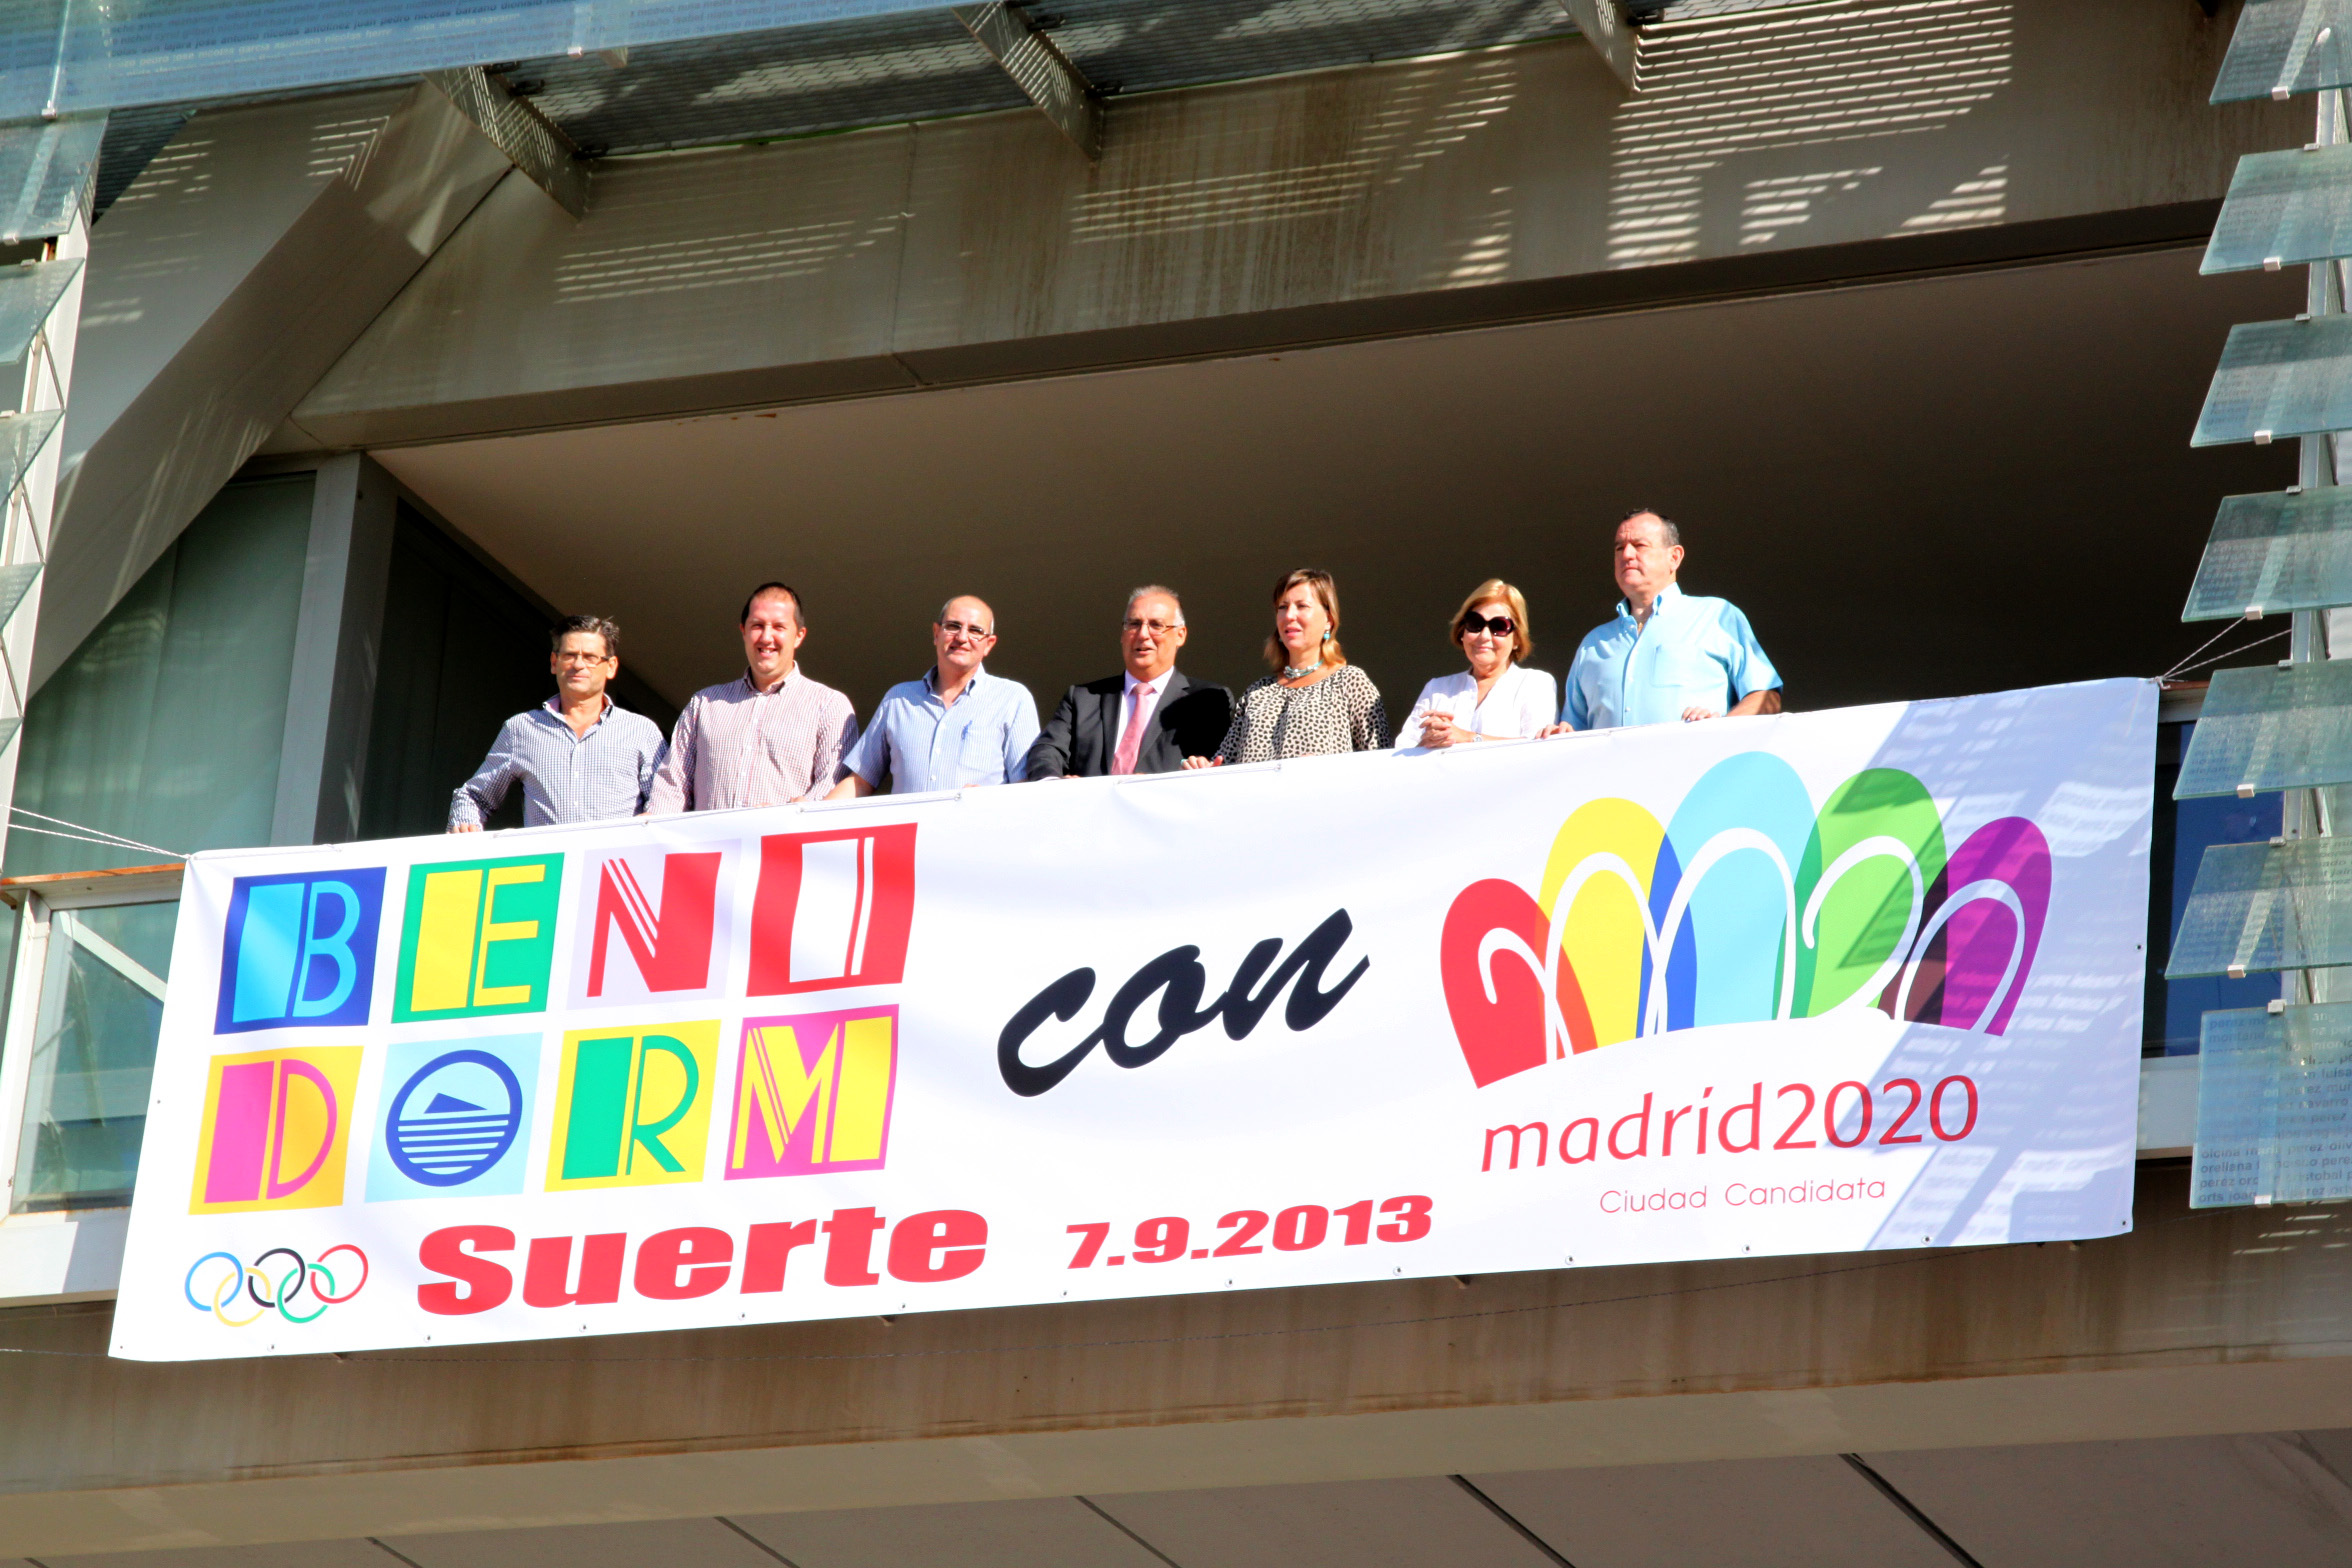 La euforia por Madrid2020 llega al balcón del Ayuntamiento